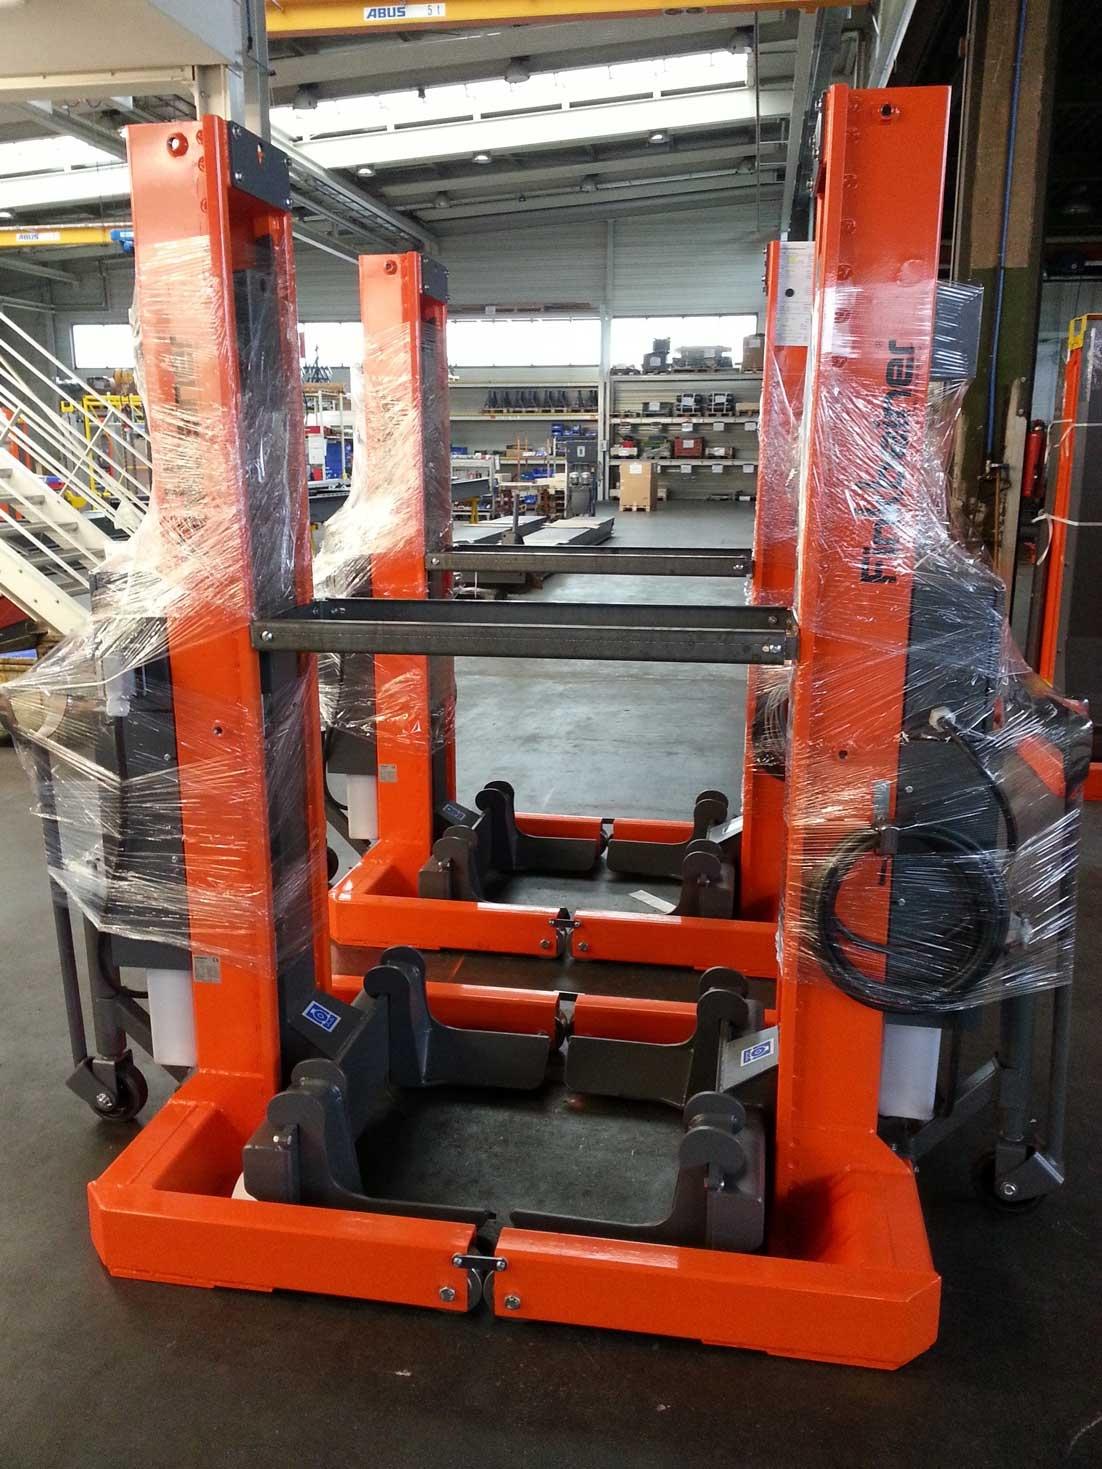 Stock di ponti a 4 colonne mobili elettroidraulici Finkbeiner top quality , da 7,2 ton. a colonna con collegamento a cavi. Modello elettroidraulico a 1,1 kw. a colonna , coibentati per lavaggio , forche registrabili universali , transpallet ad ammortizzat